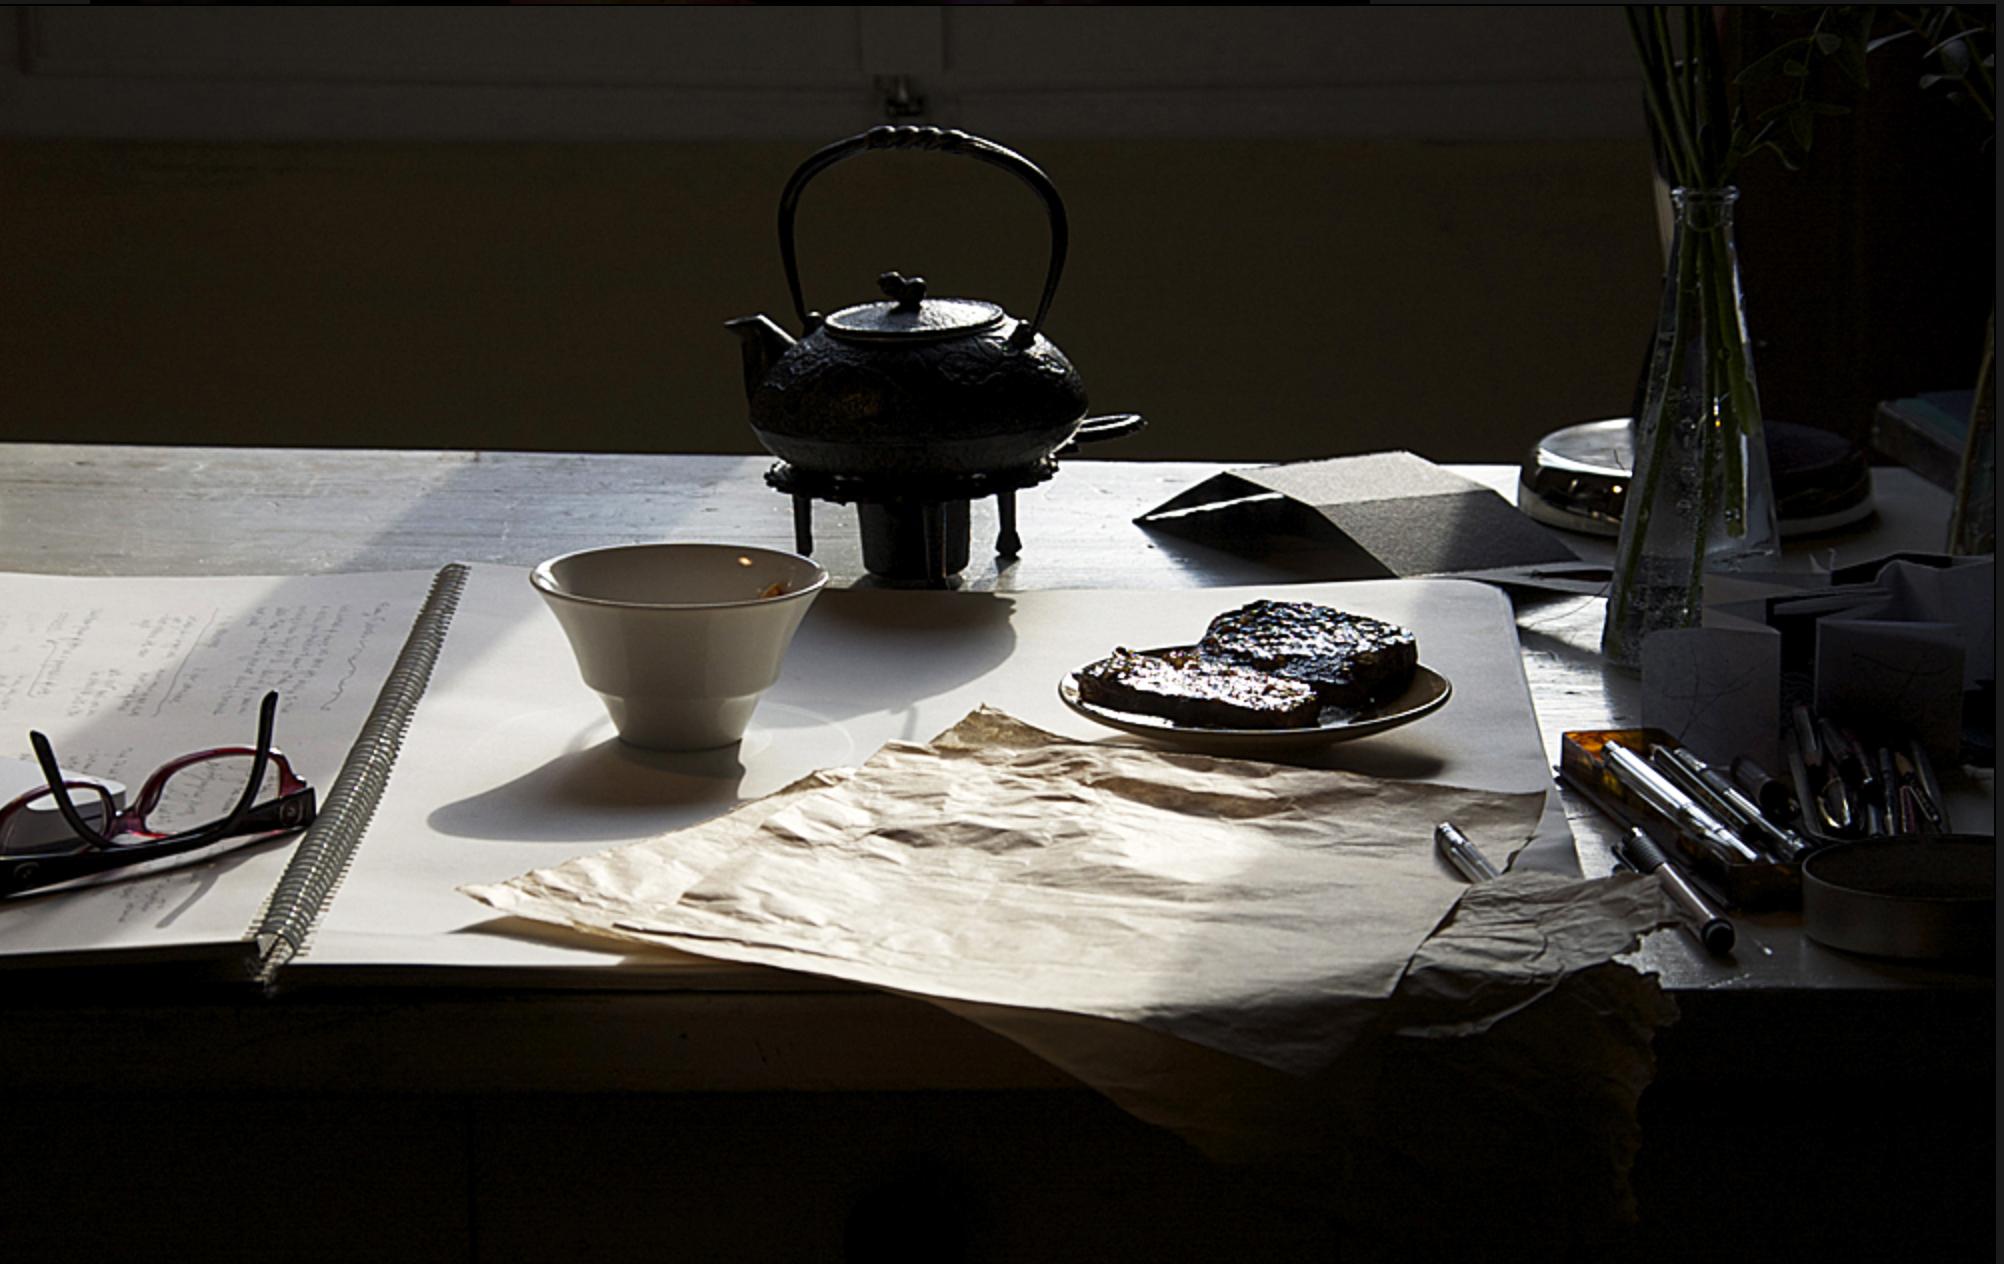 studio milledisegni - studio desk in the morning.jpg